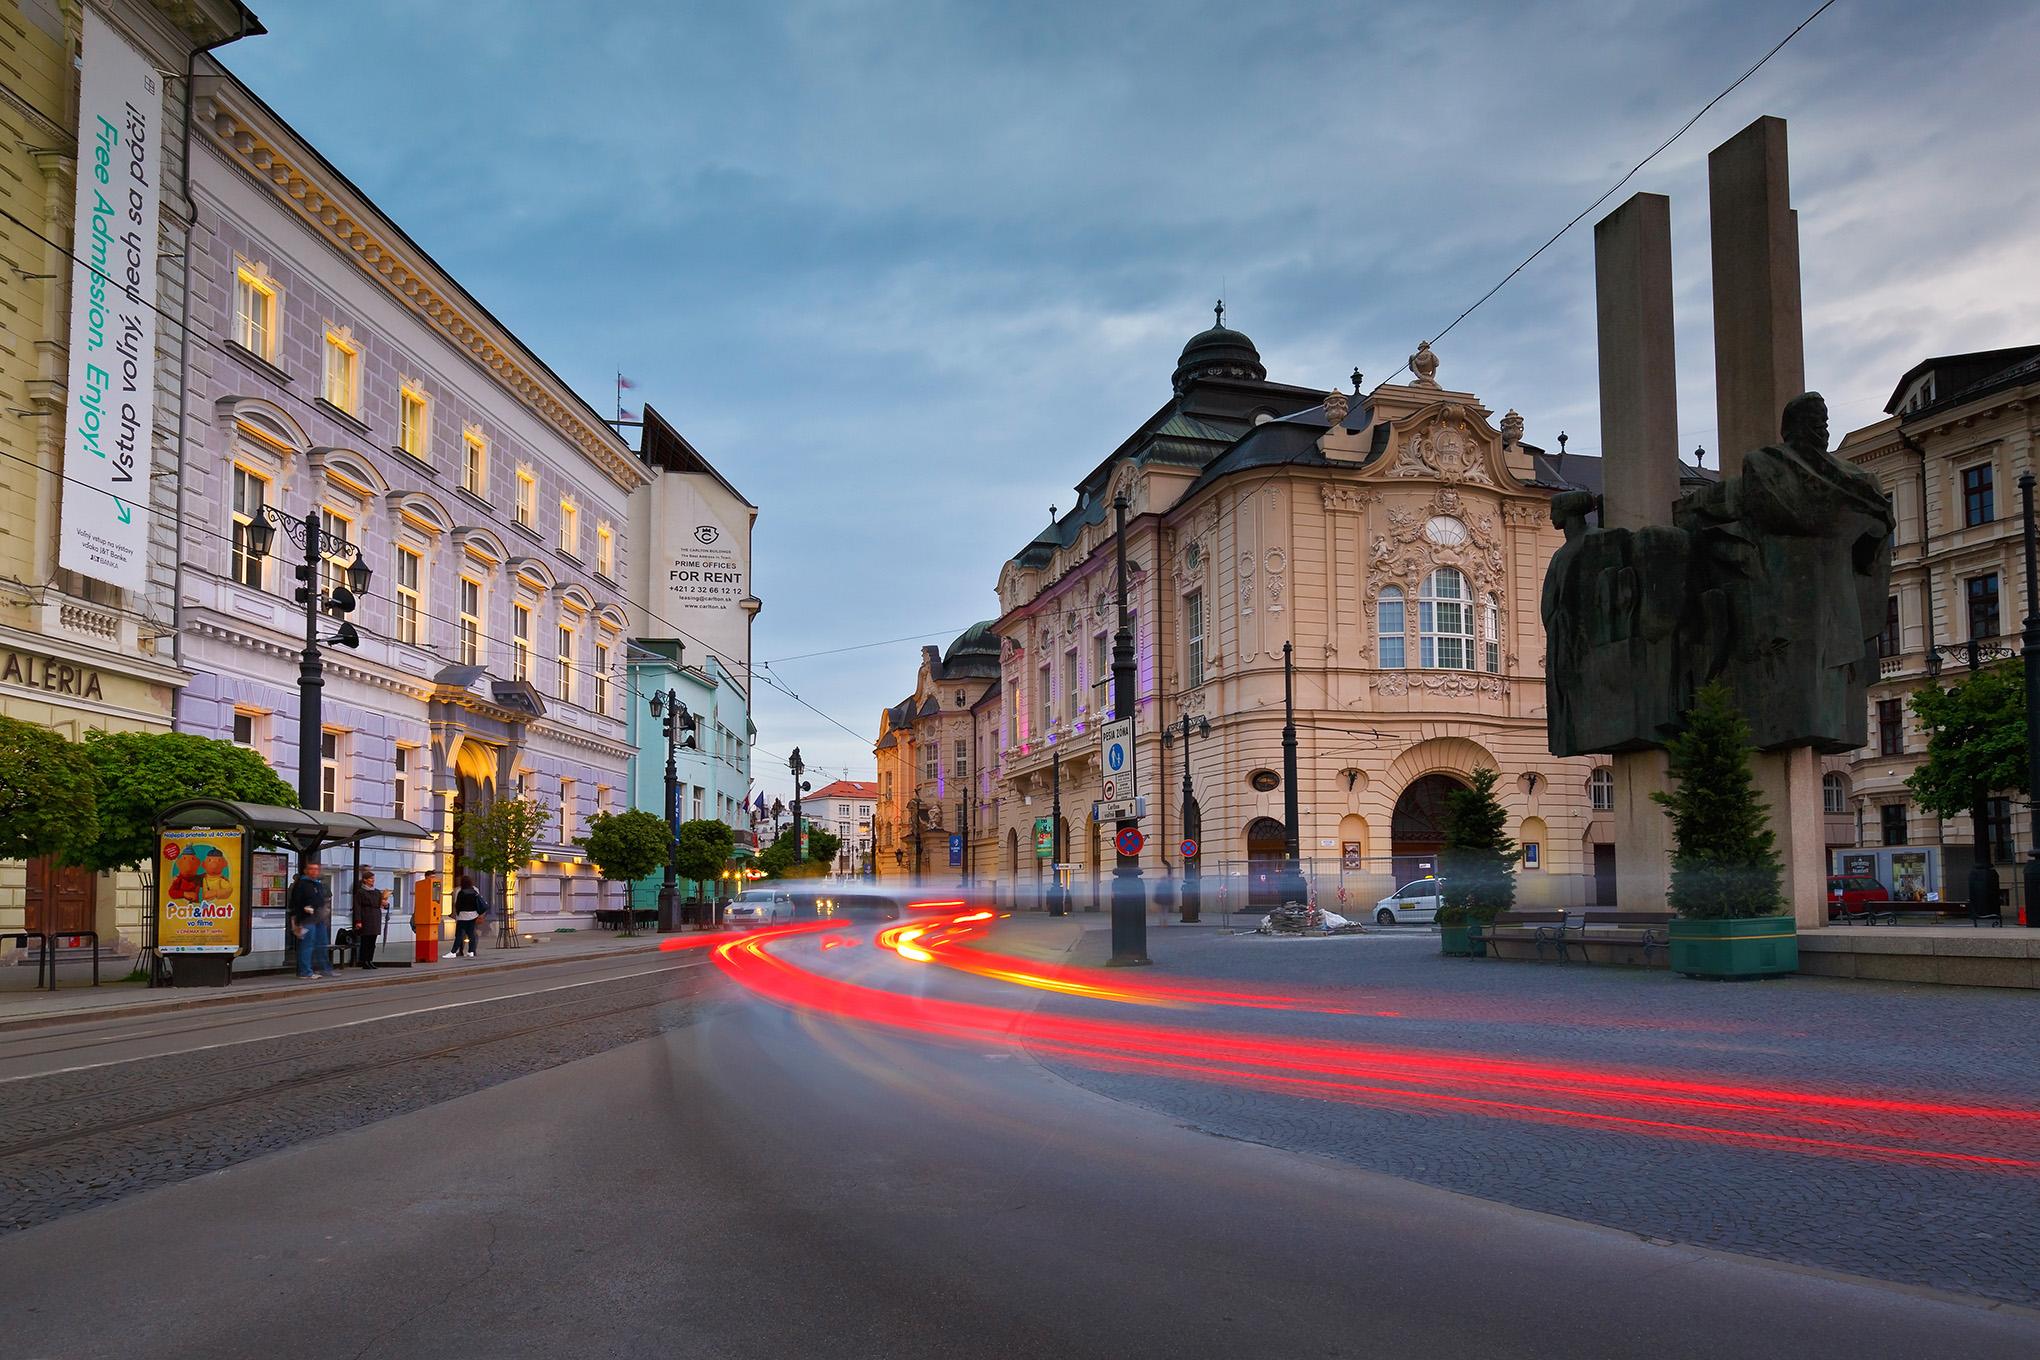 Почему Братислава— отличное место для стартапов - Новости айти в журнале Inc.Russia